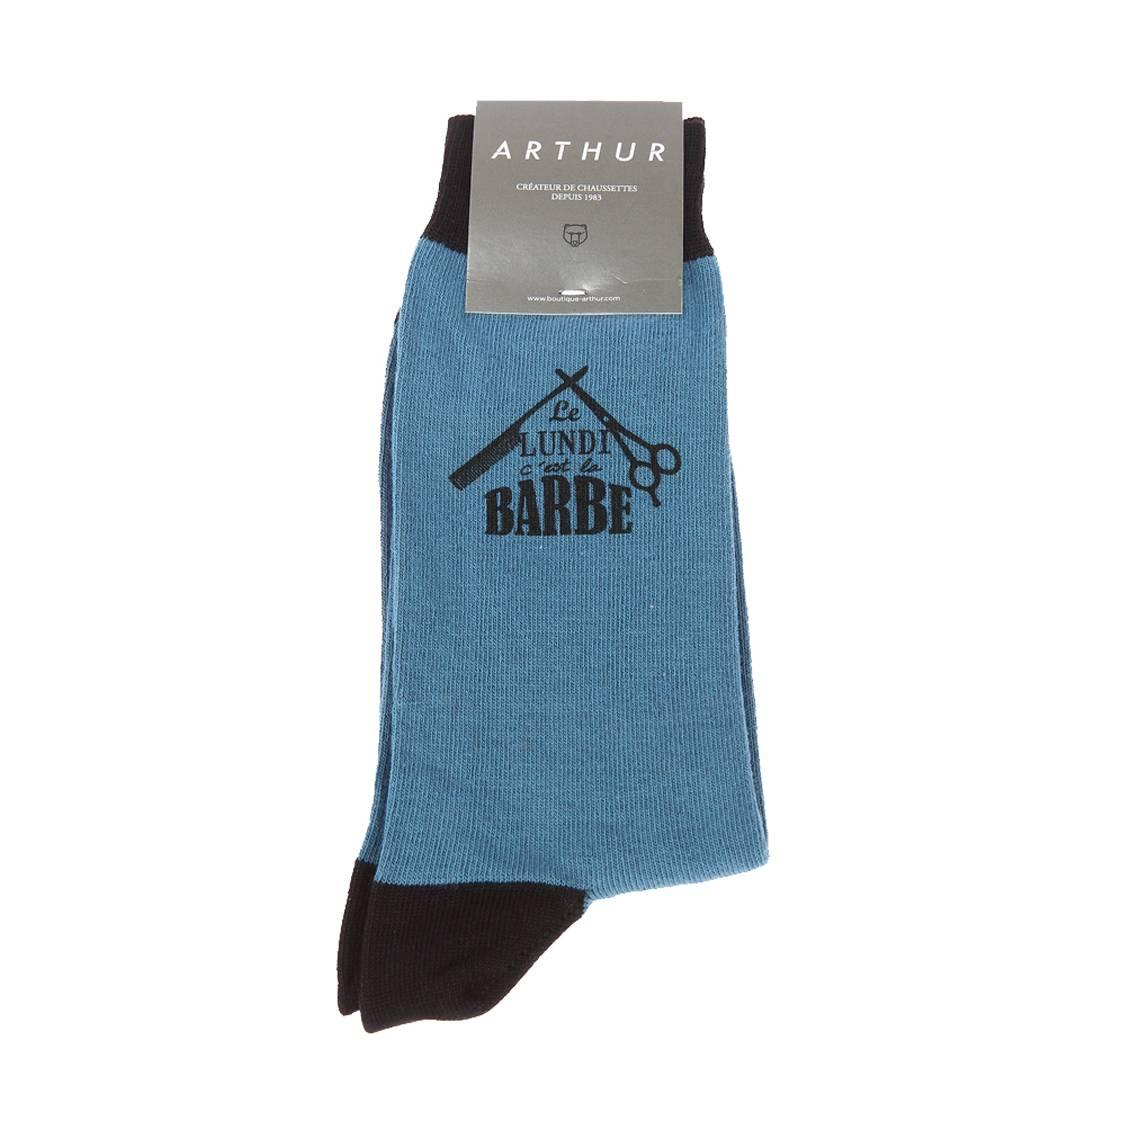 Chaussettes  barbe en coton mélangé bleu pétrole floquées \